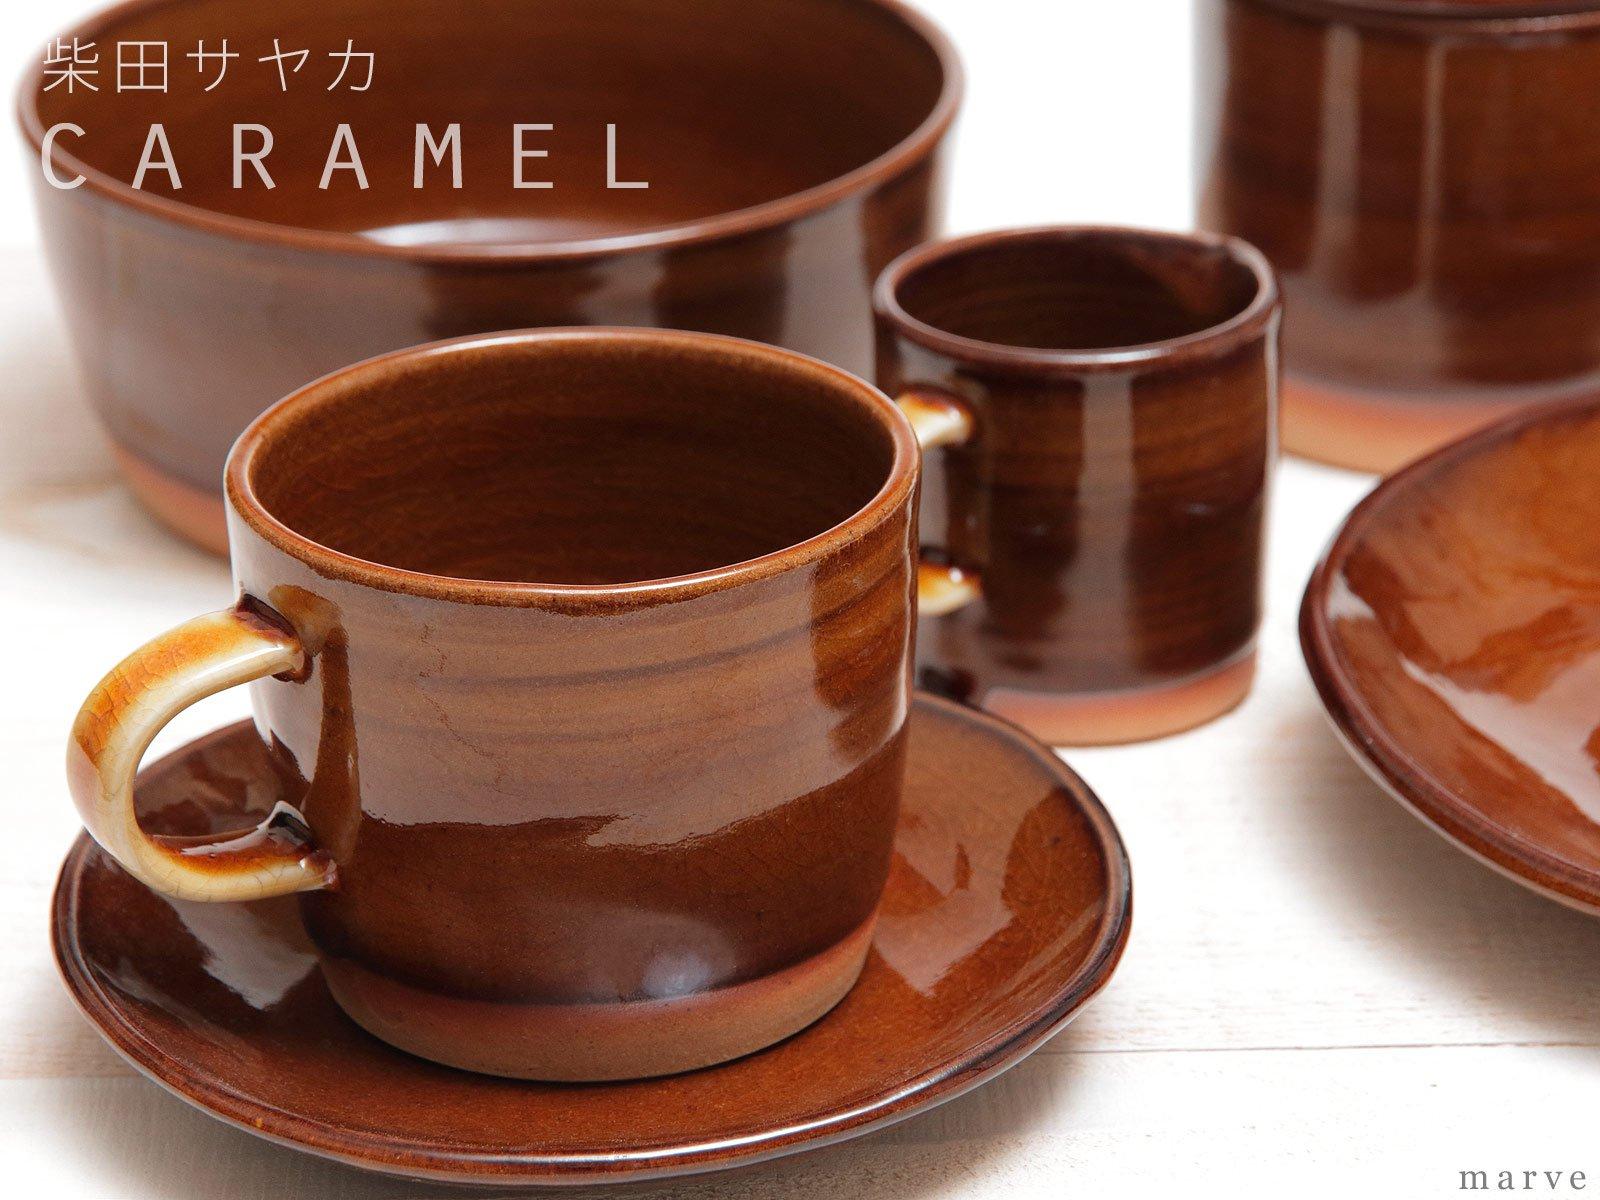 caramel(カラメル)6寸プレート(18cm) 柴田サヤカ